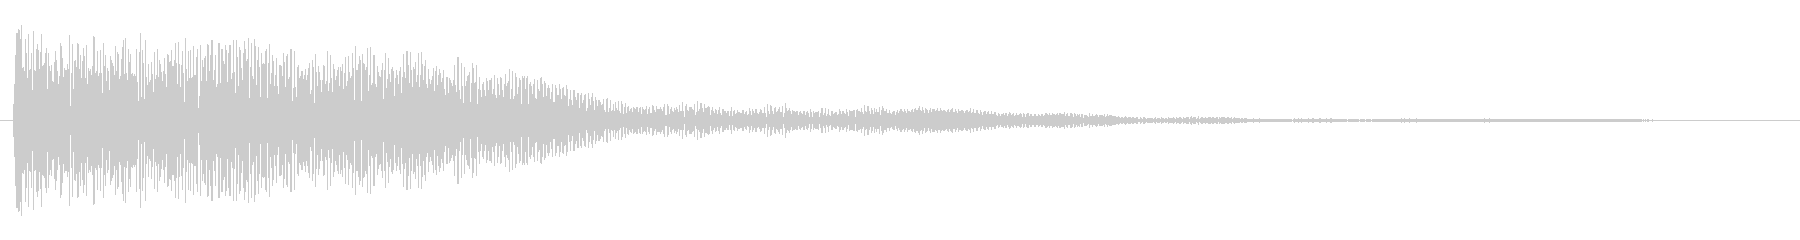 チョロリーン ゲーム 決定音 最終決定音の未再生の波形